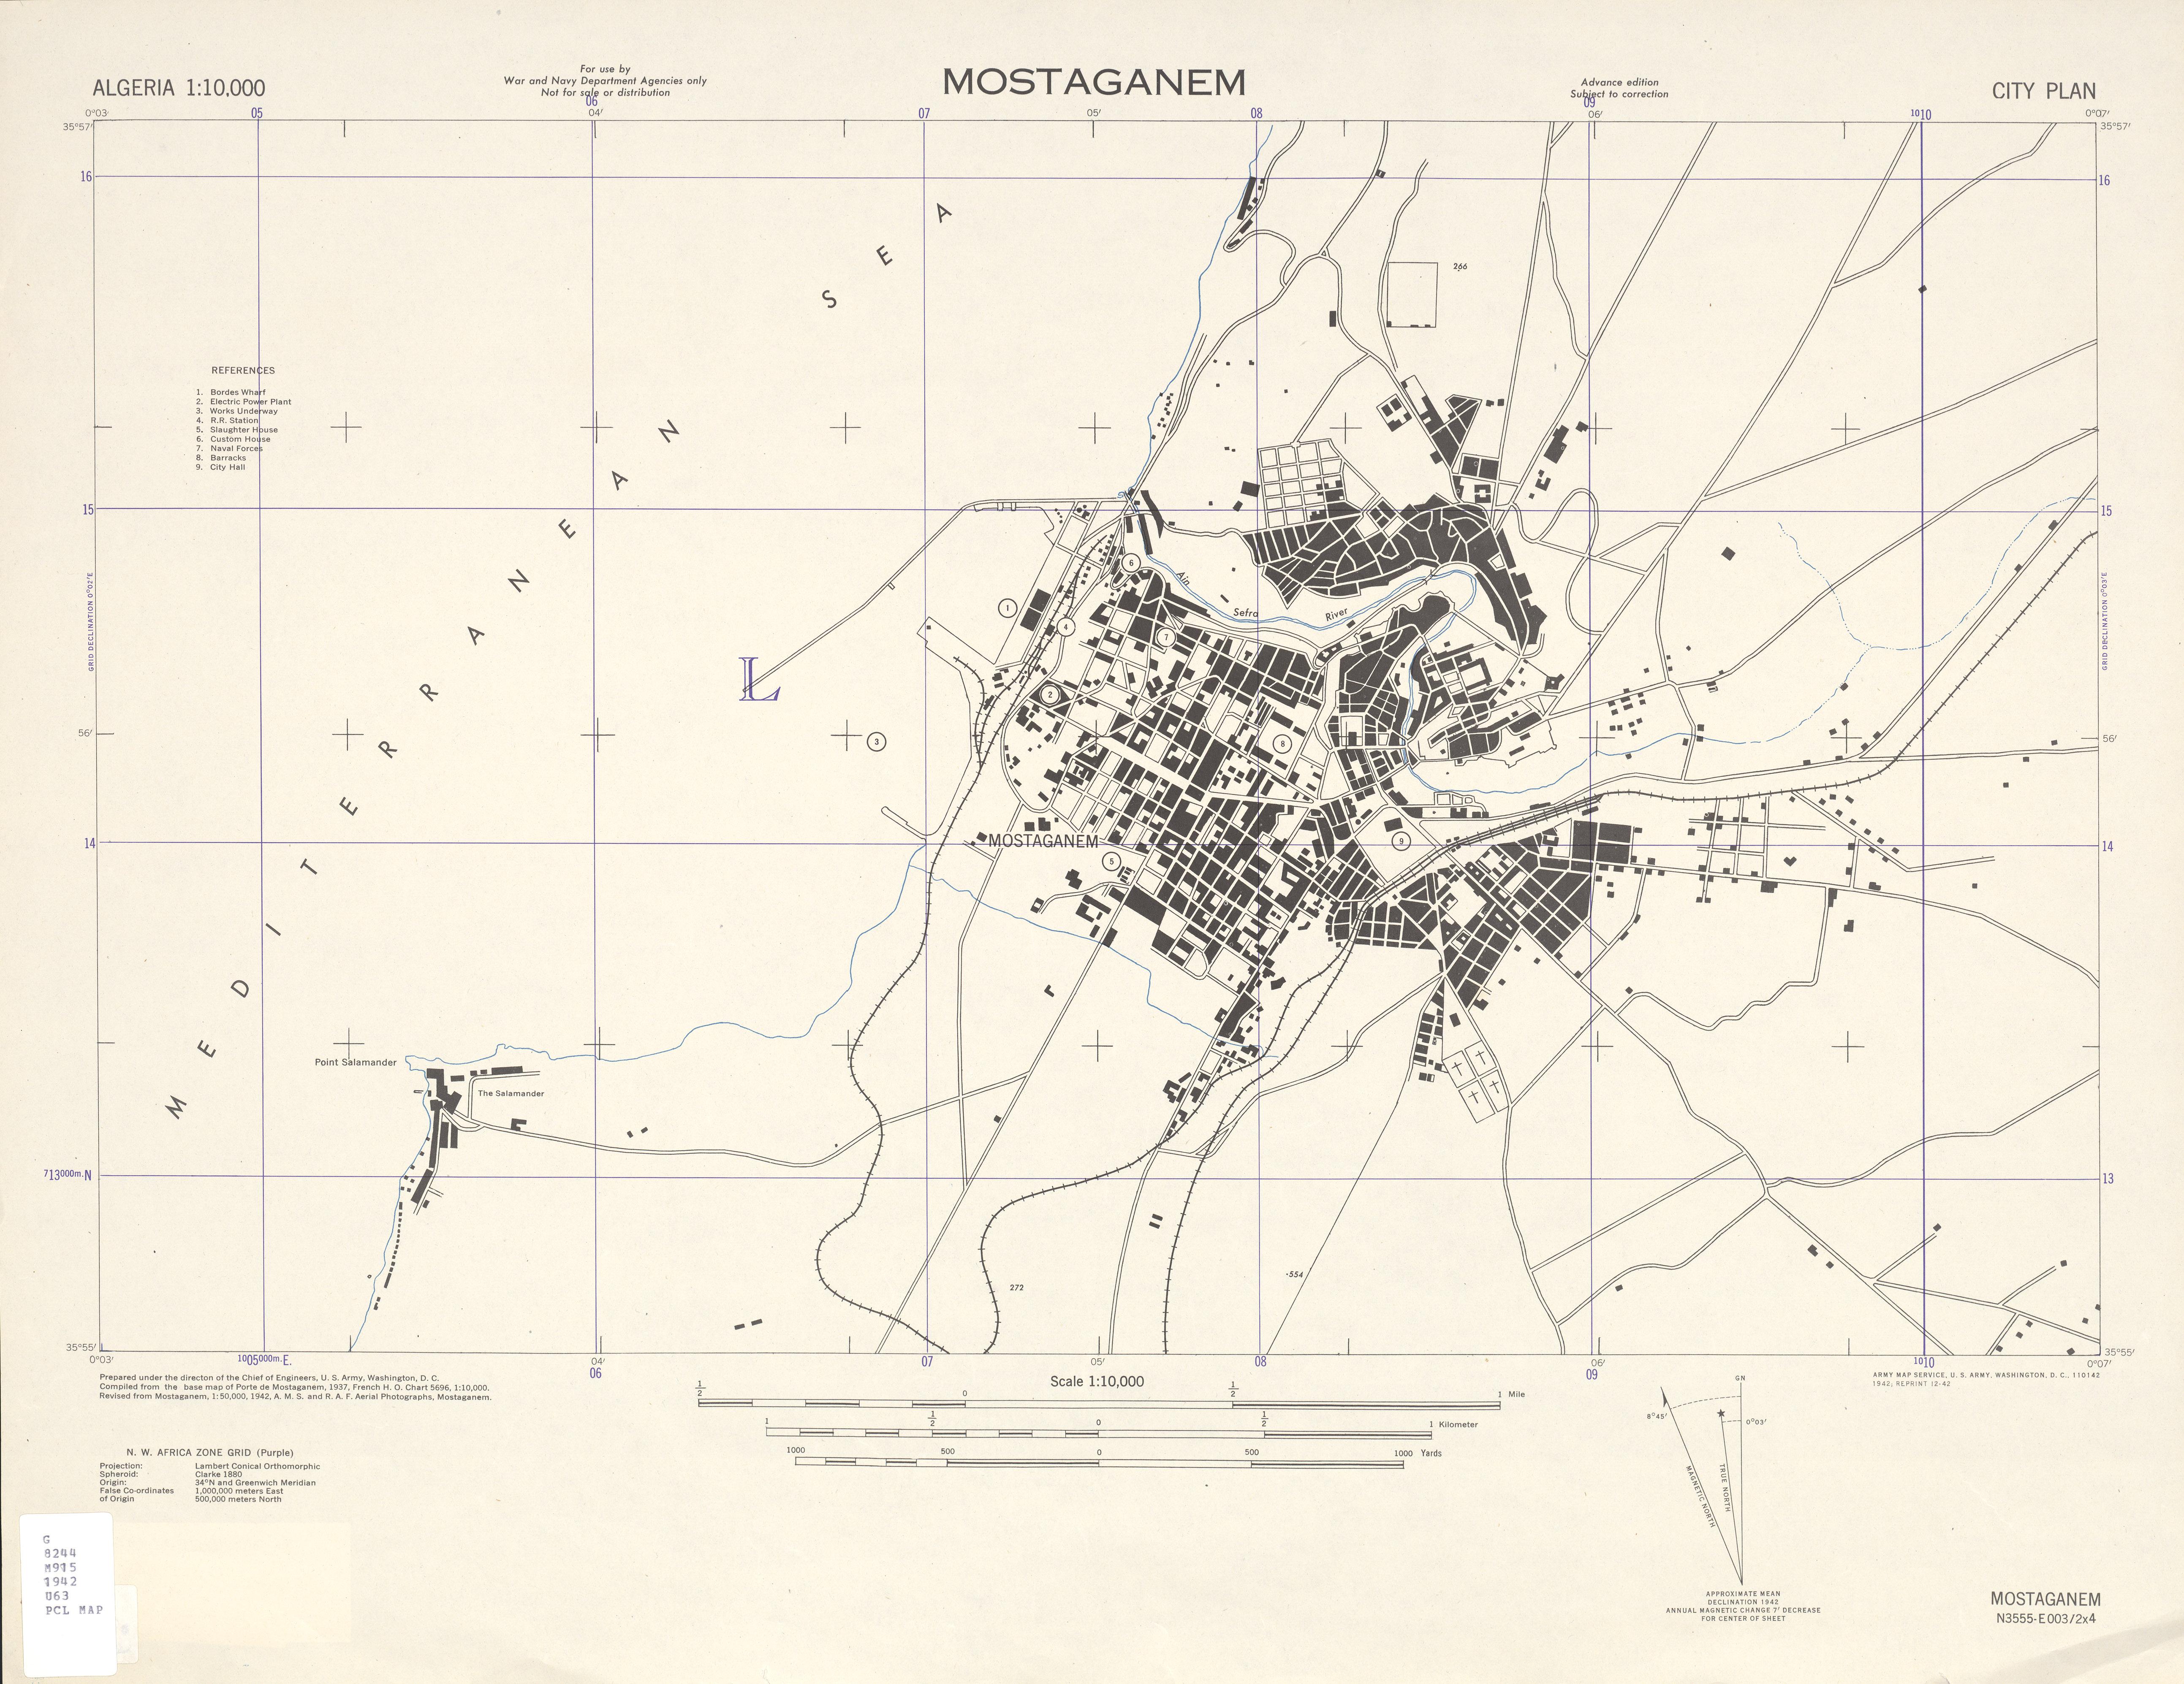 Mostaganem City Map, Algeria 1942